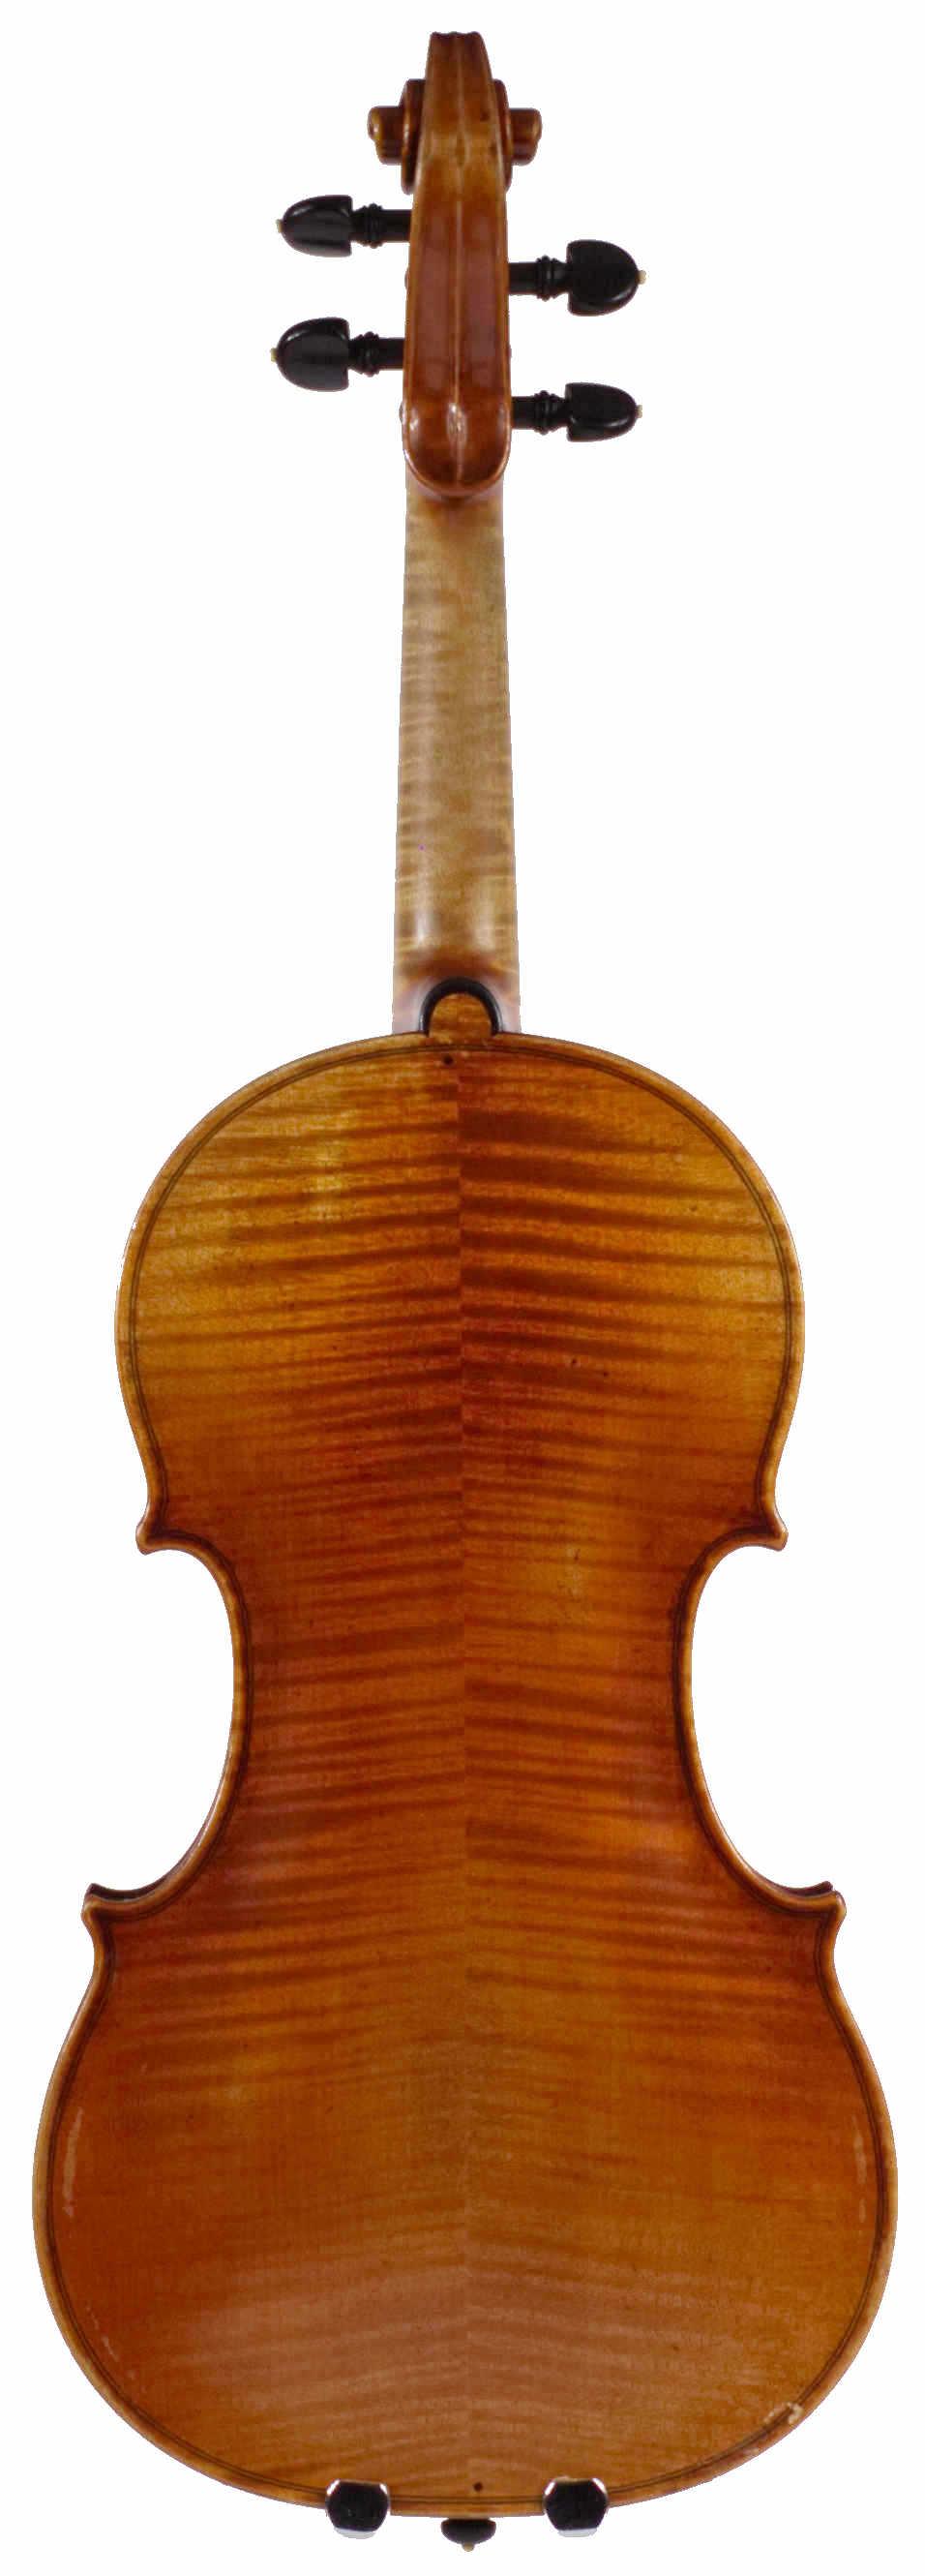 Ficker violin